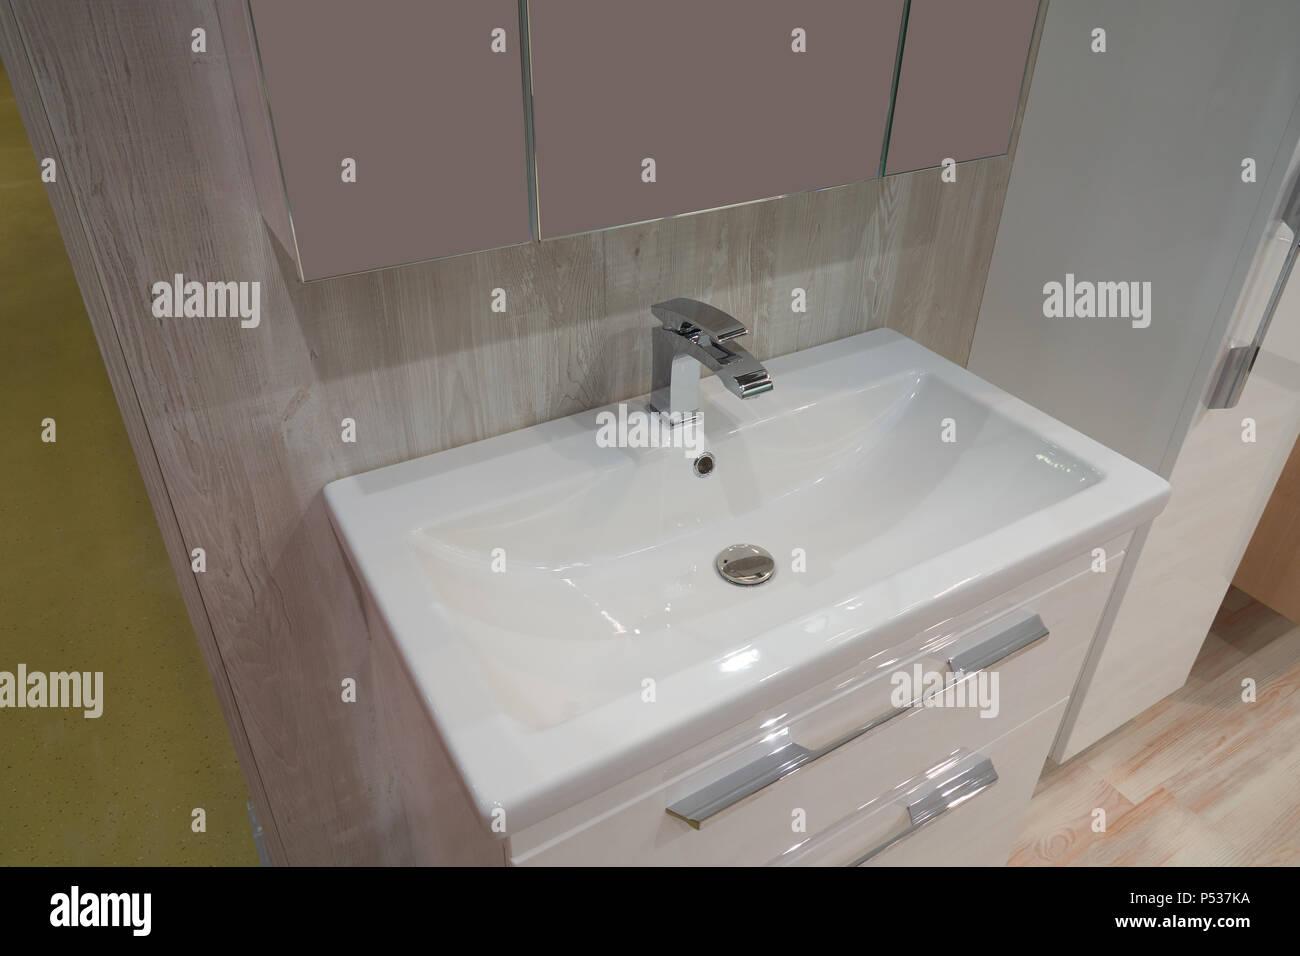 Weiß eingelassenen Waschbecken aus Keramik und Metall Mixer im ...